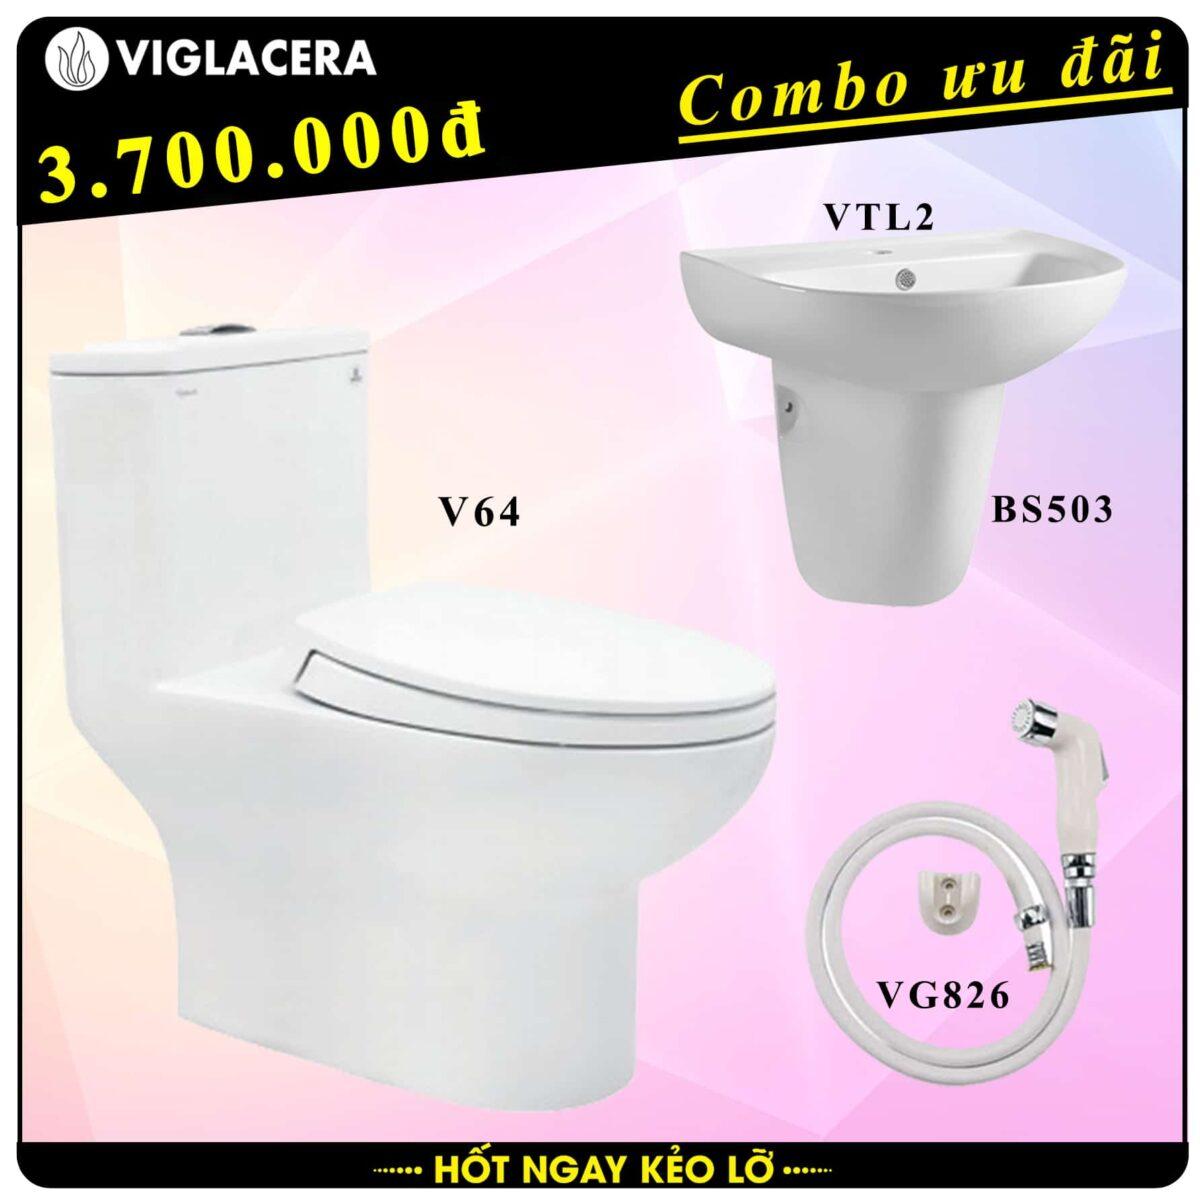 Combo khuyến mãi trọn bộ bồn cầu liền 1 khối Viglacera V64 kèm chậu rửa lavabo VTL2 có chân treo và vòi xịt vệ sinh VG826